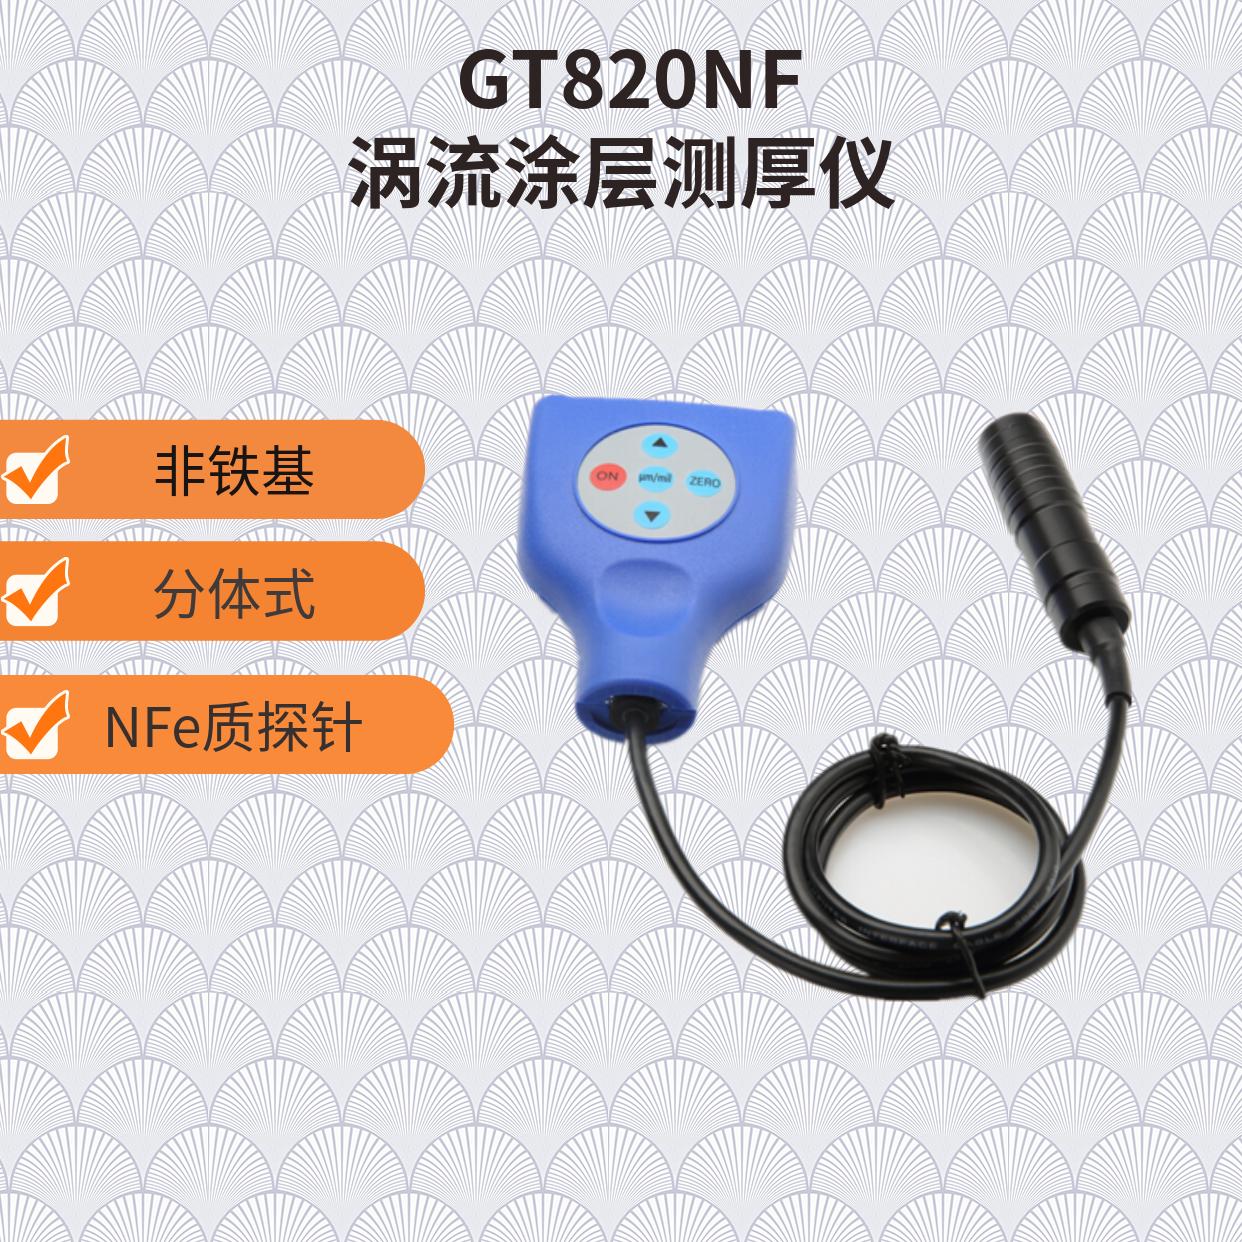 铝上涂层厚度检测仪 GT820NF 膜厚计